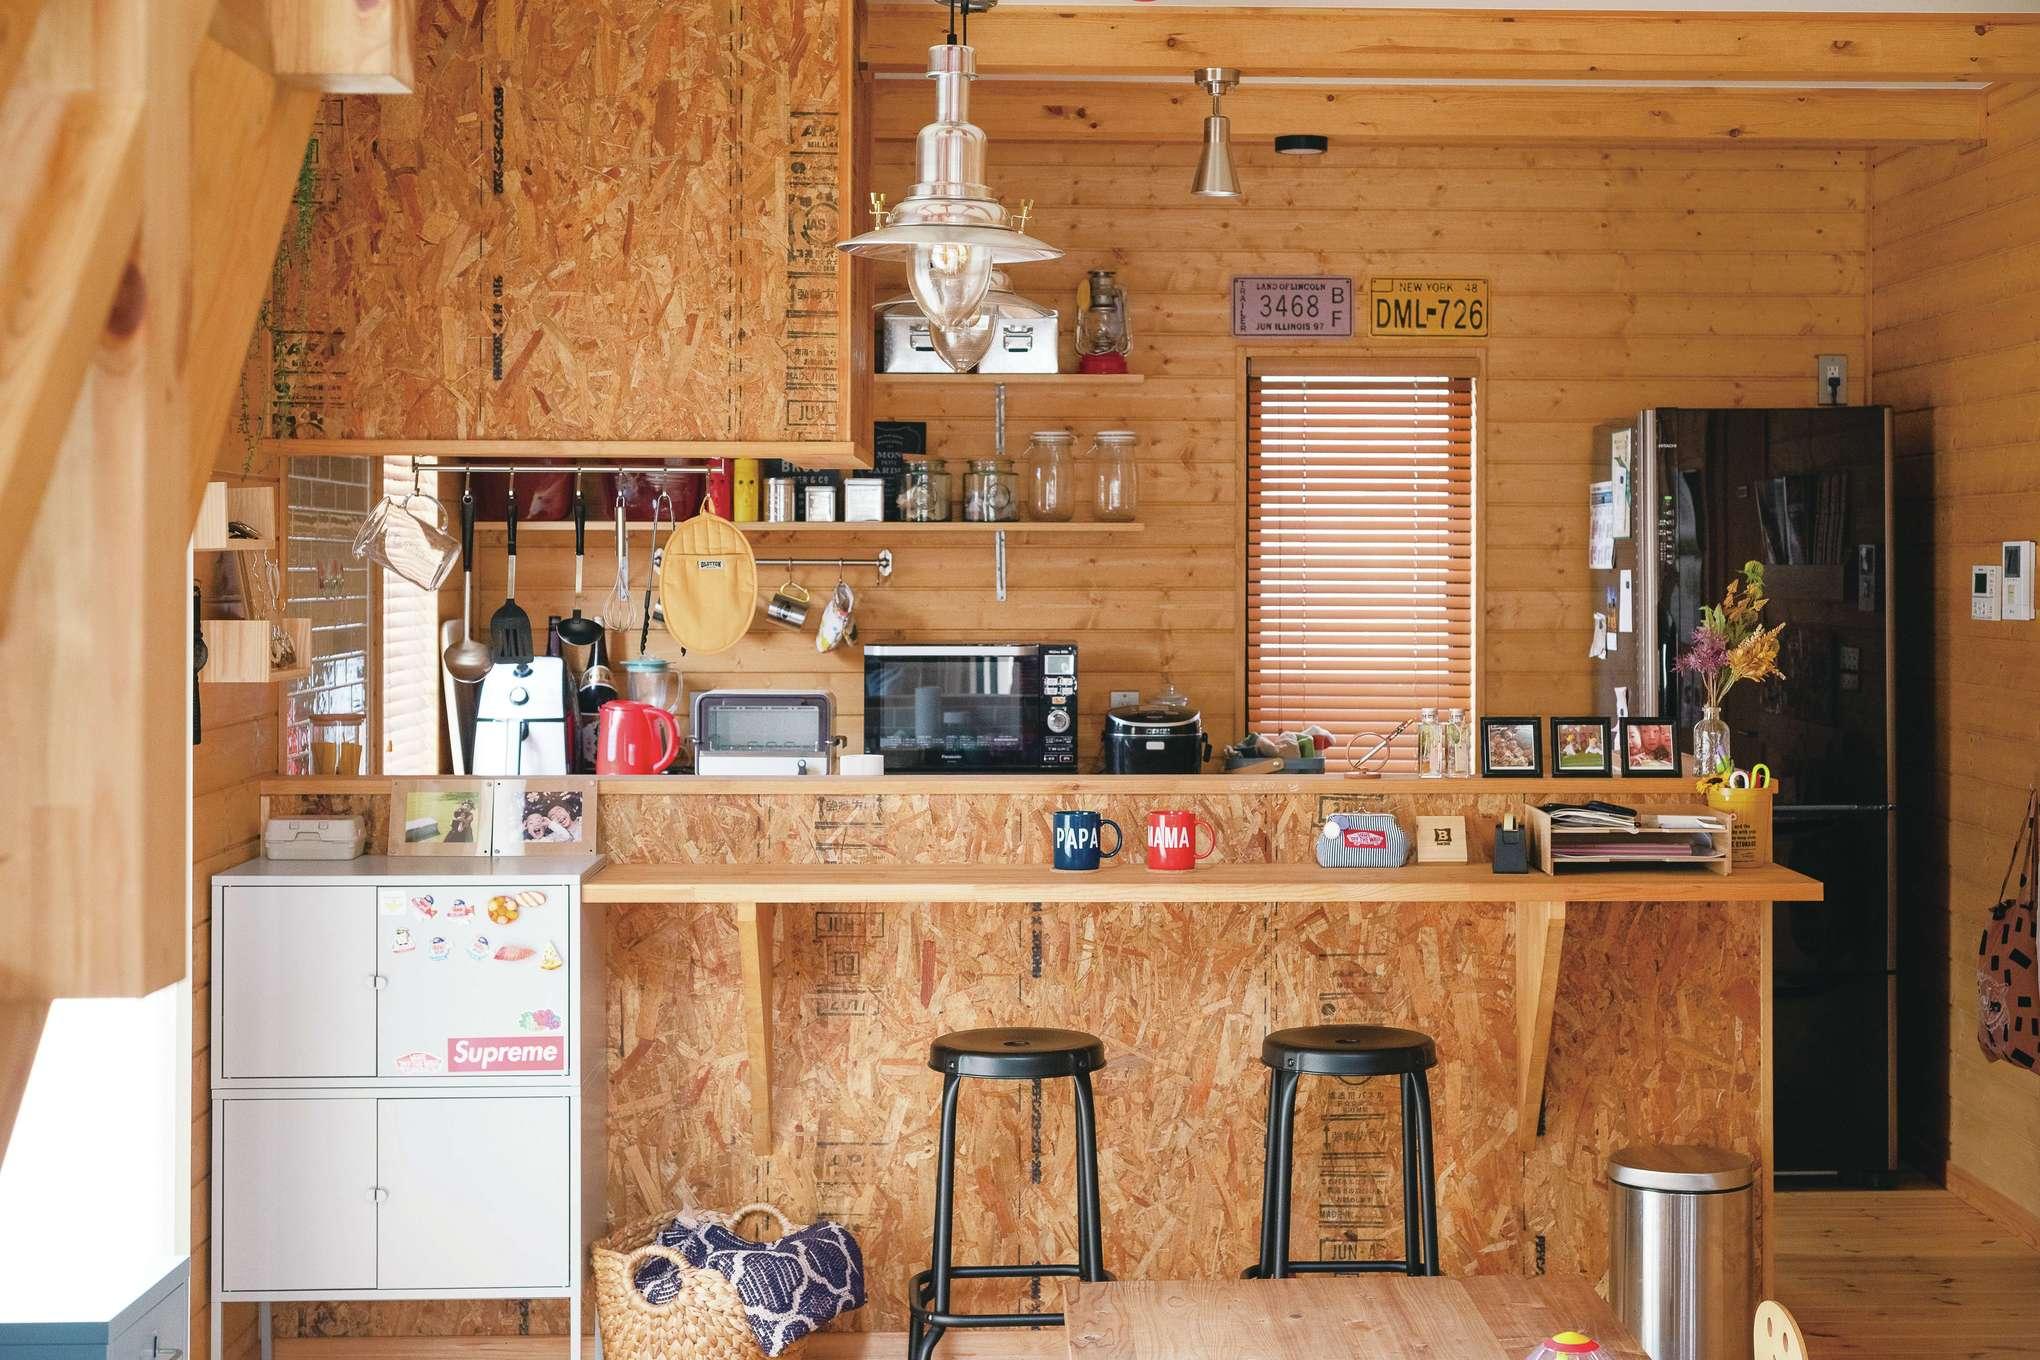 BESS浜松【子育て、インテリア、趣味】急遽取り付けたキッチンカウンターは「将来2人暮らしになったら食事用にしたくて」と奥さま。キッチンの背面収納はご主人が自分で取り付けたもの。ブラインドも、窓のサイズに合わせて既製品をカットし、自分たちで設置した力作だ